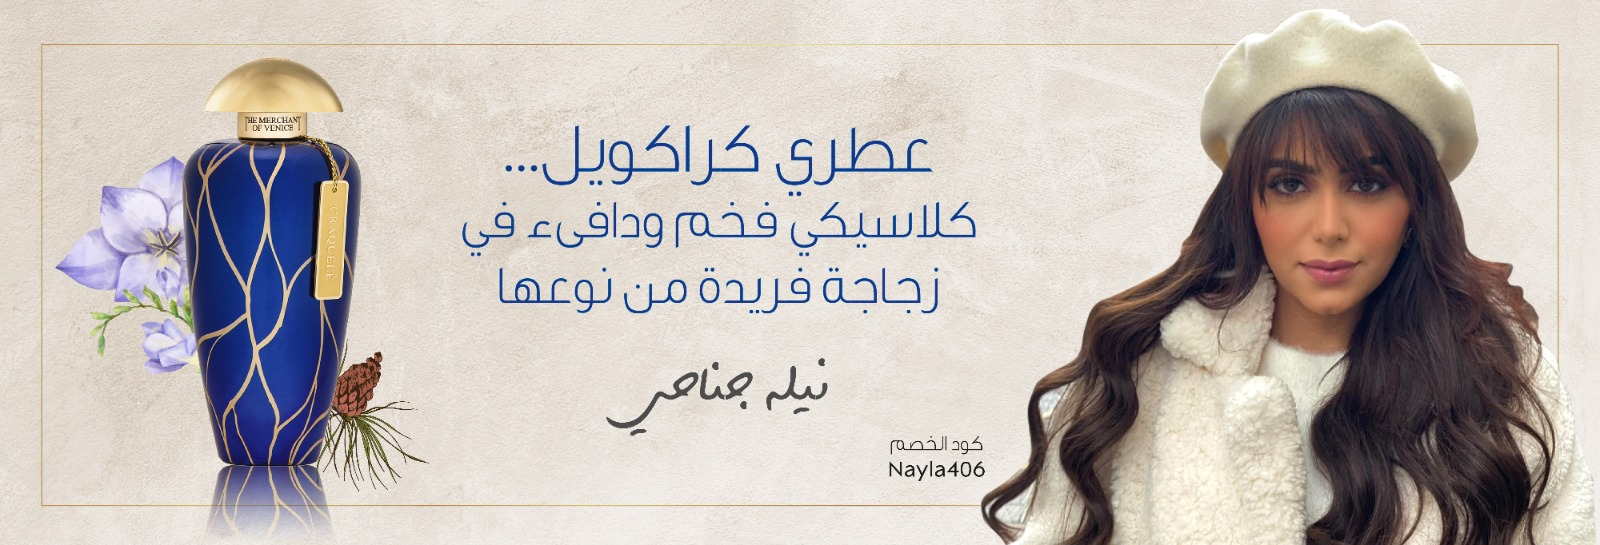 Nayla Janahi 1